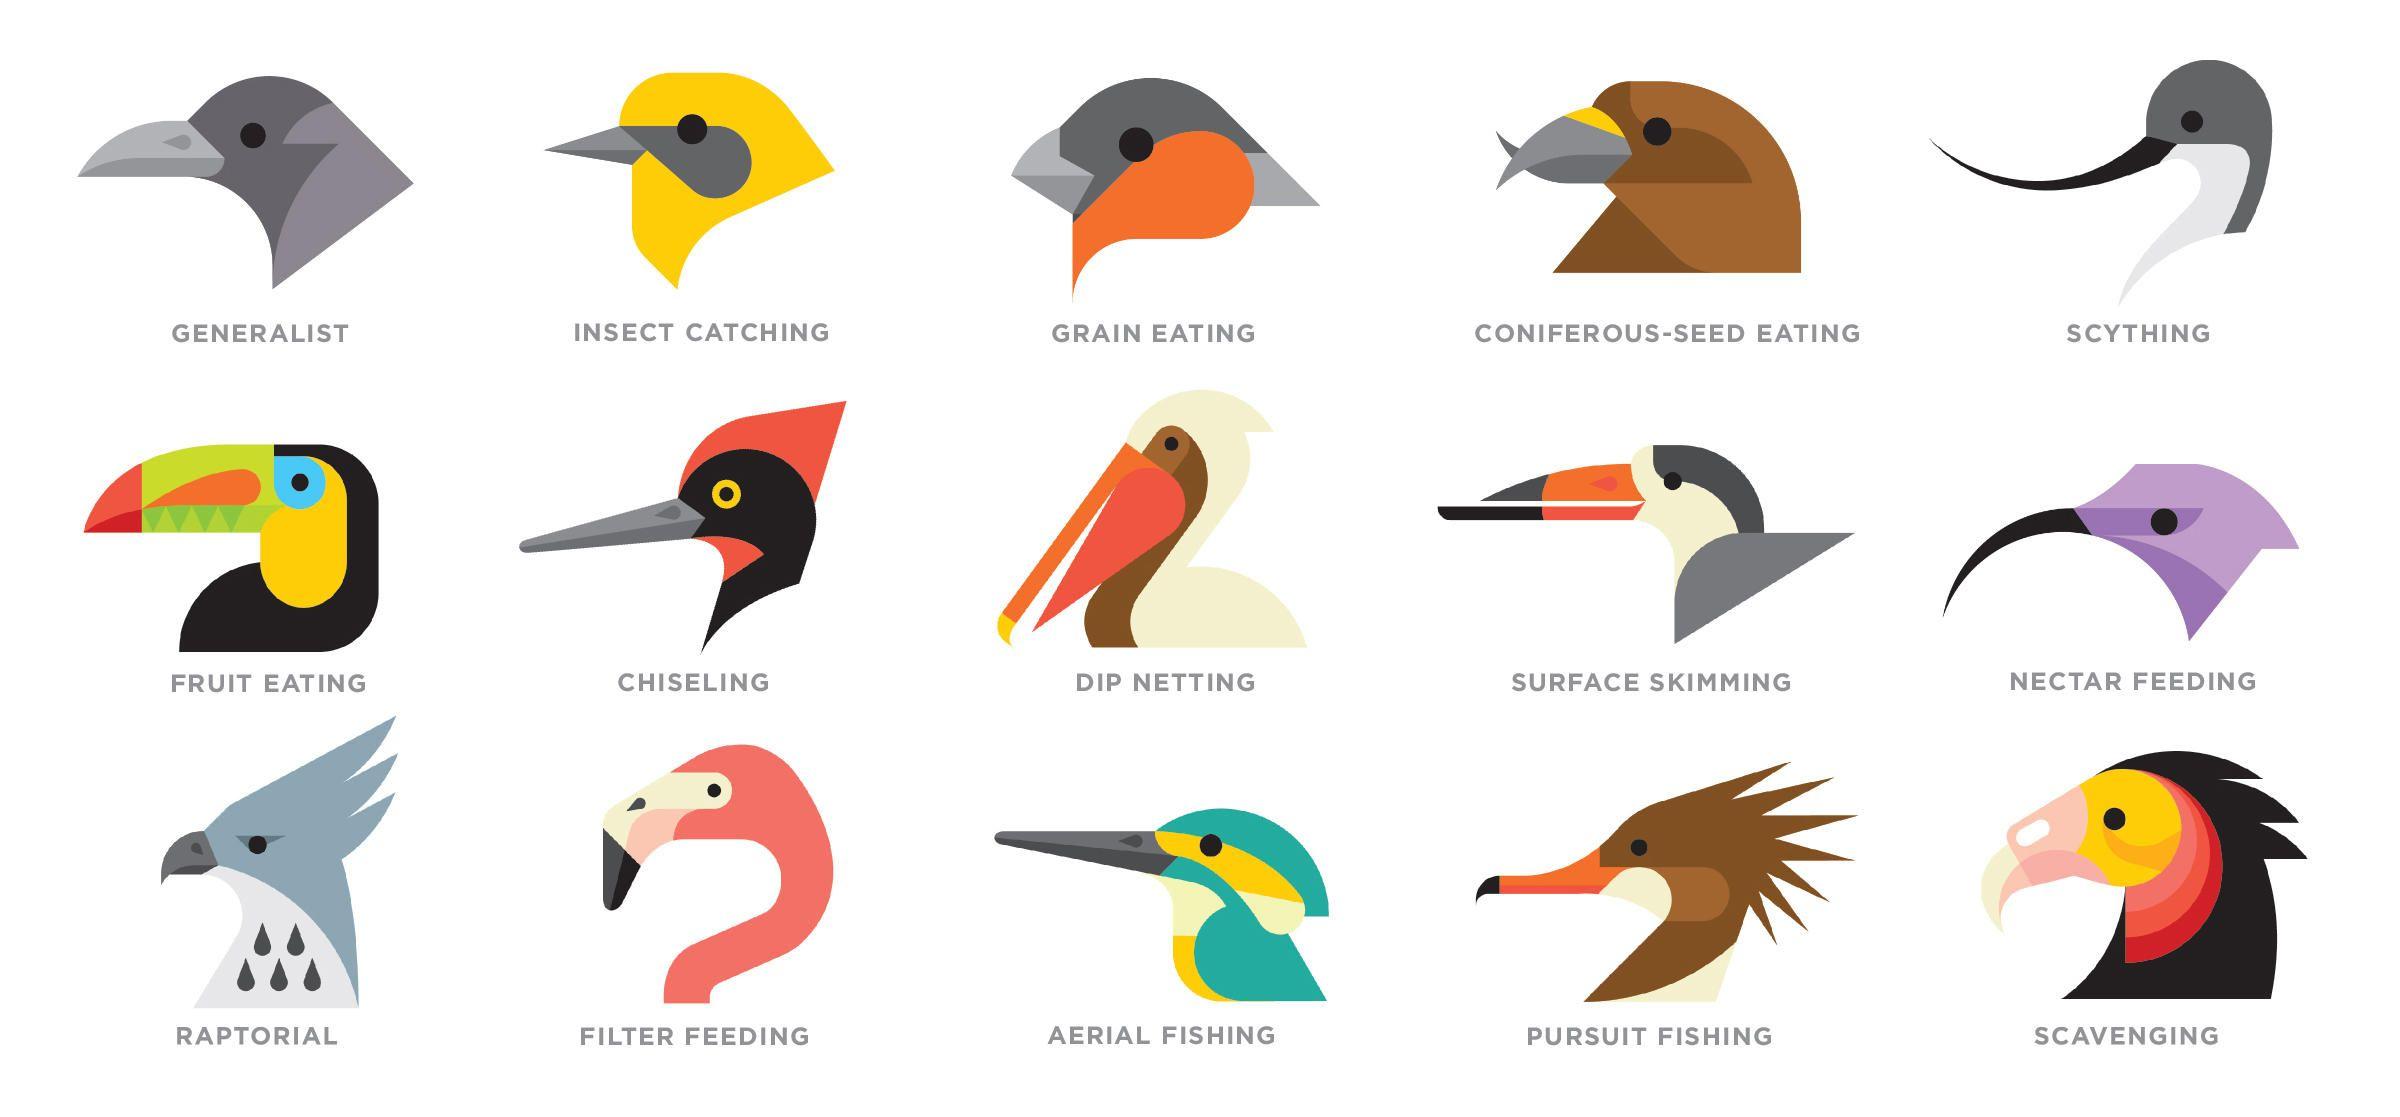 bird beak shapes by tyler lang for audubon the illustration shows